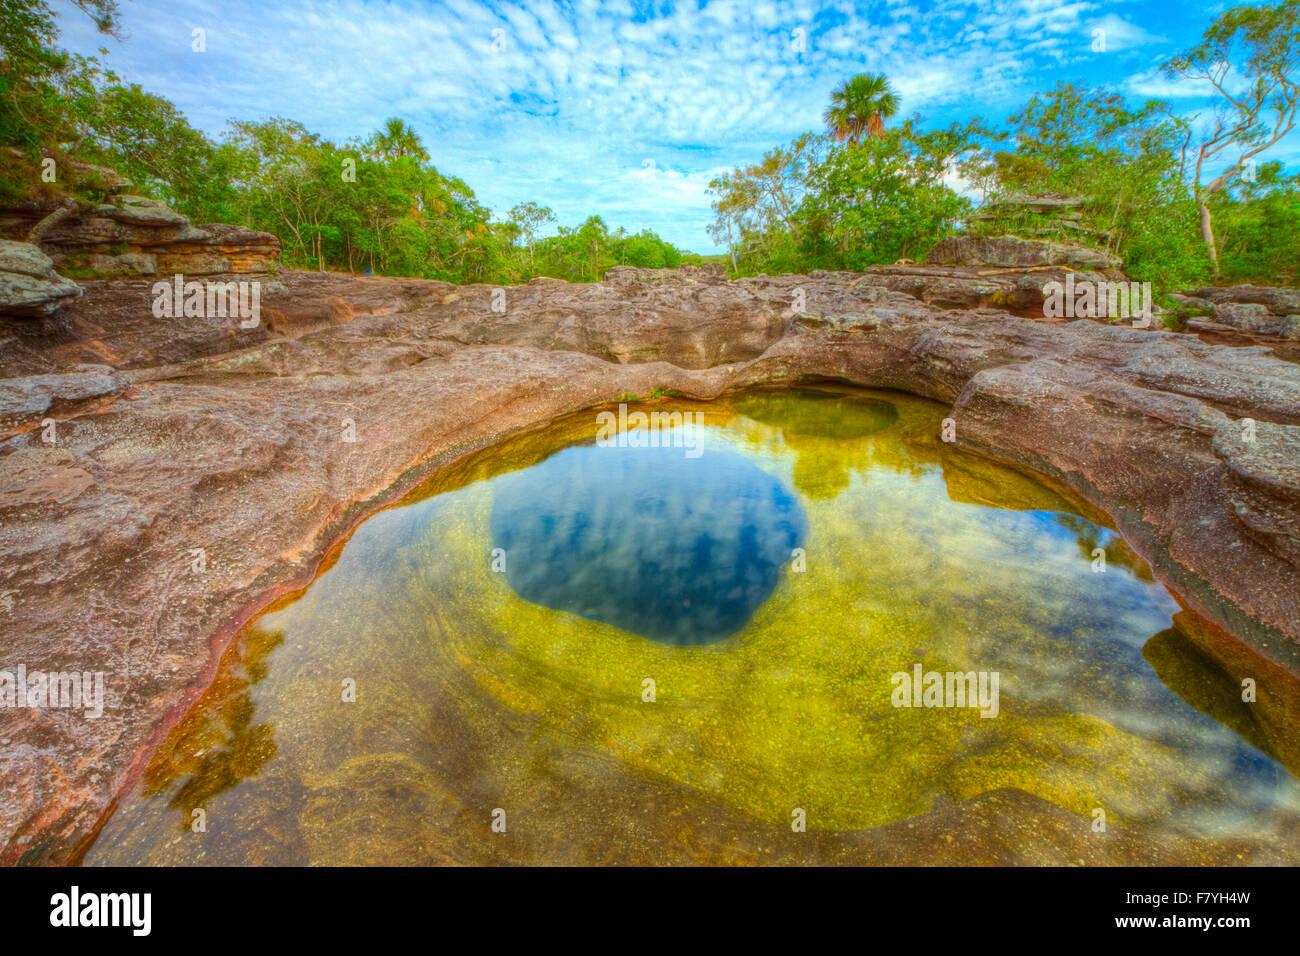 Couleurs à Cano Cristales, Colombie, plantes subaquatiques (Macarenia clarigera) endémique au petit ruisseau Photo Stock